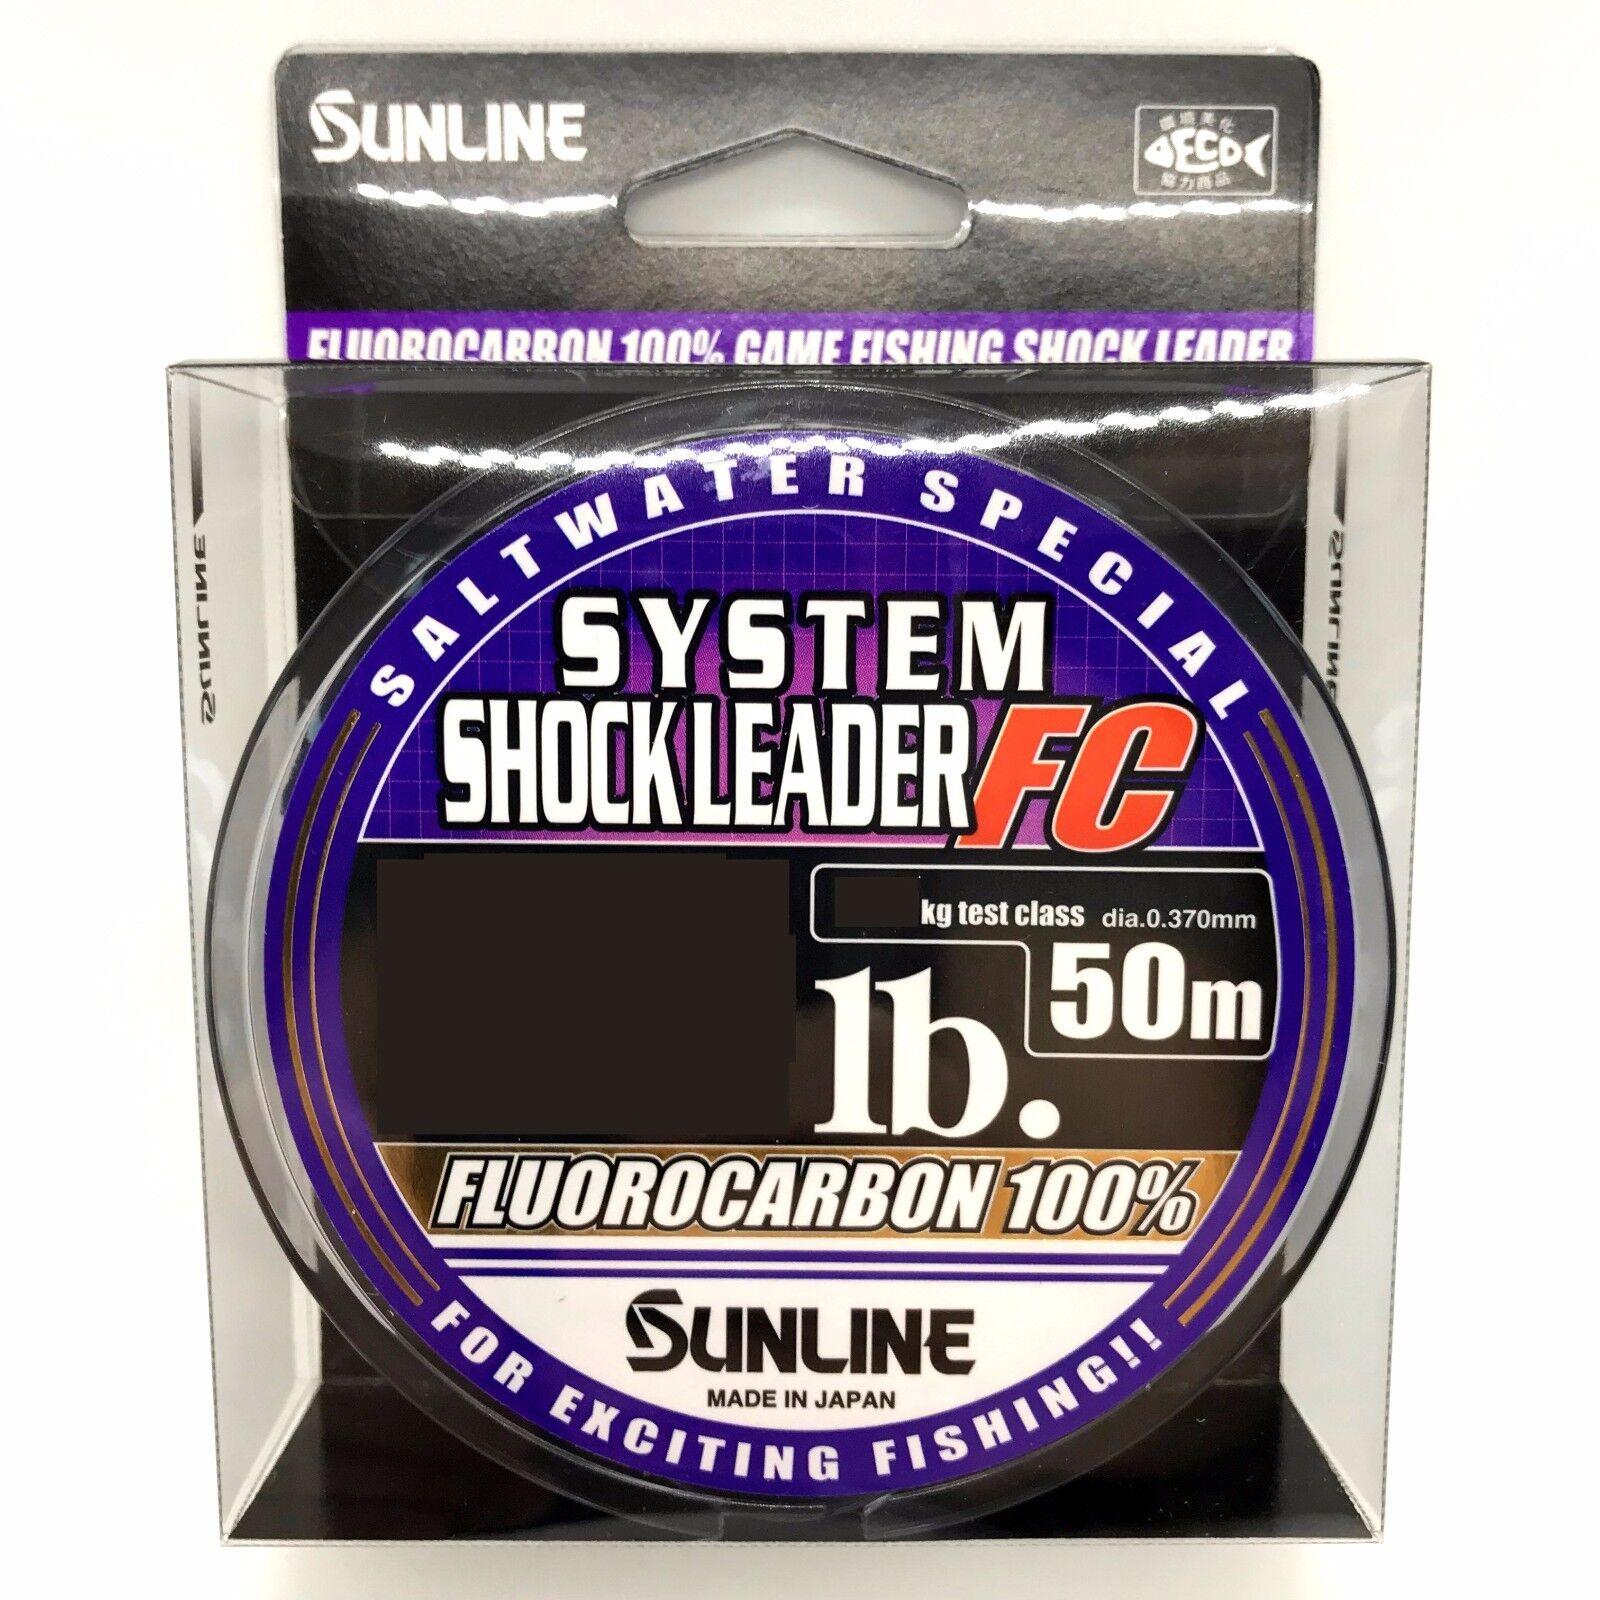 Sunline Agua Salada Especial Sistema bajo de Línea FC 30m 30m 30m 50M Fluorocarbono  gran selección y entrega rápida